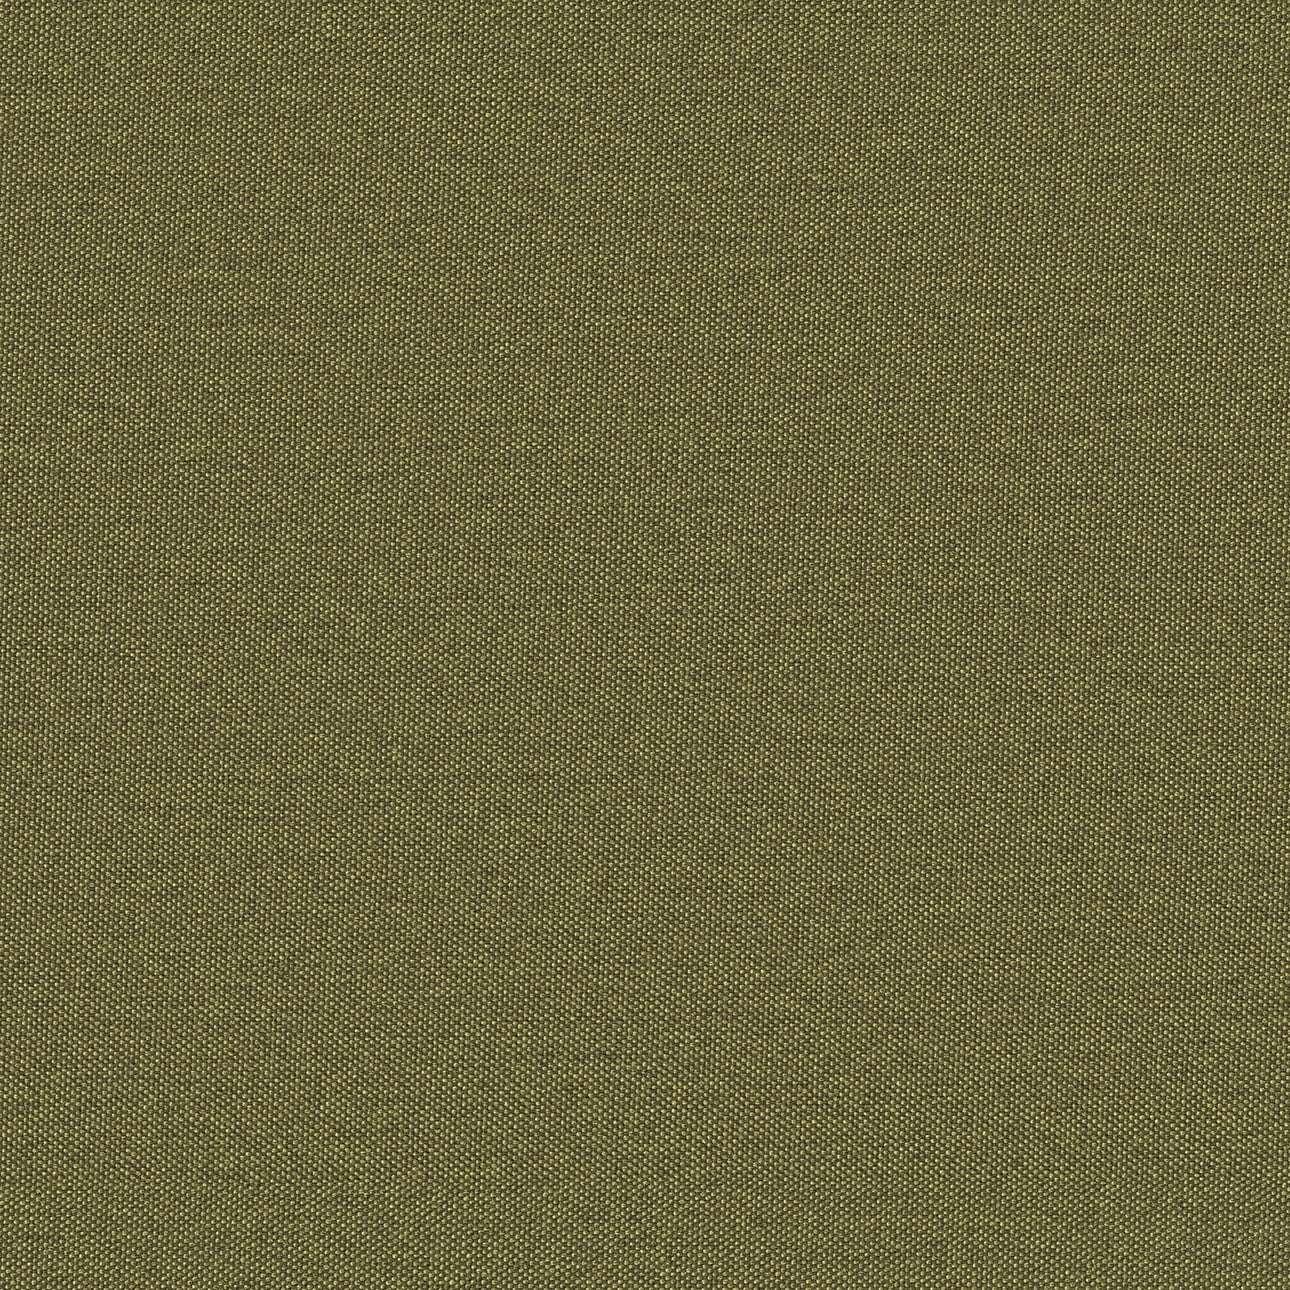 Etna 161-26 w kolekcji Etna, tkanina: 161-26